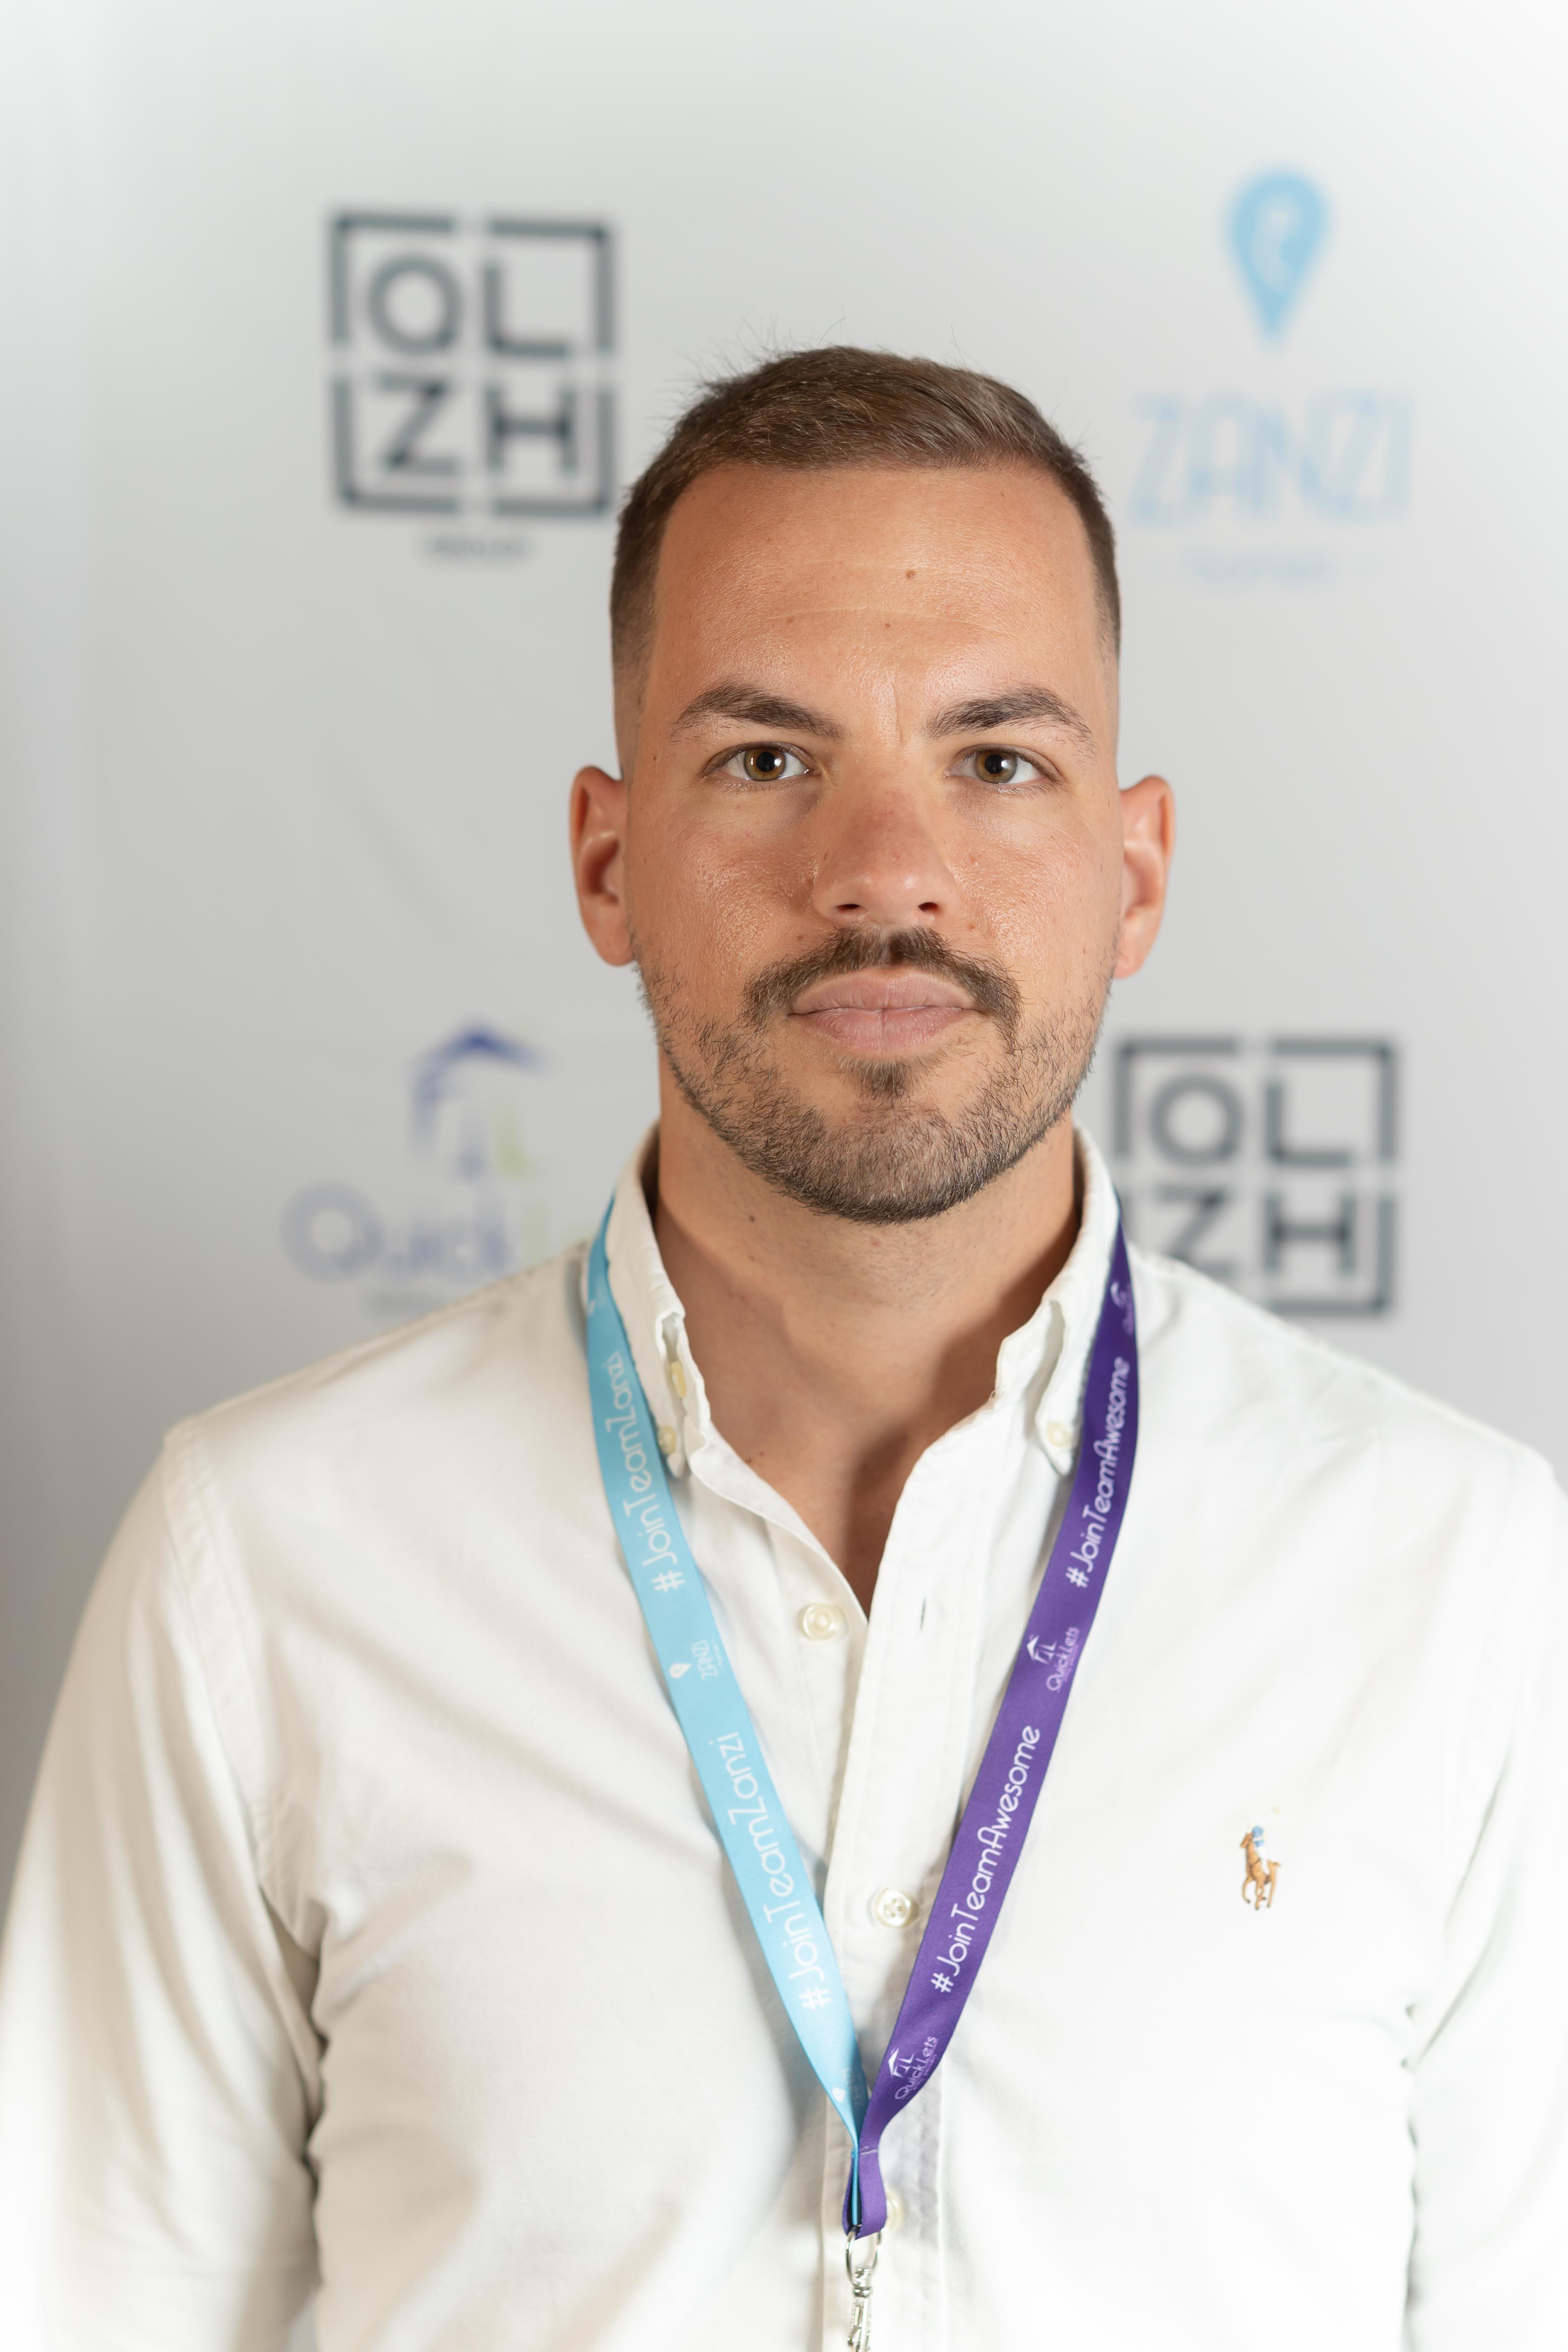 Stefan Gajic